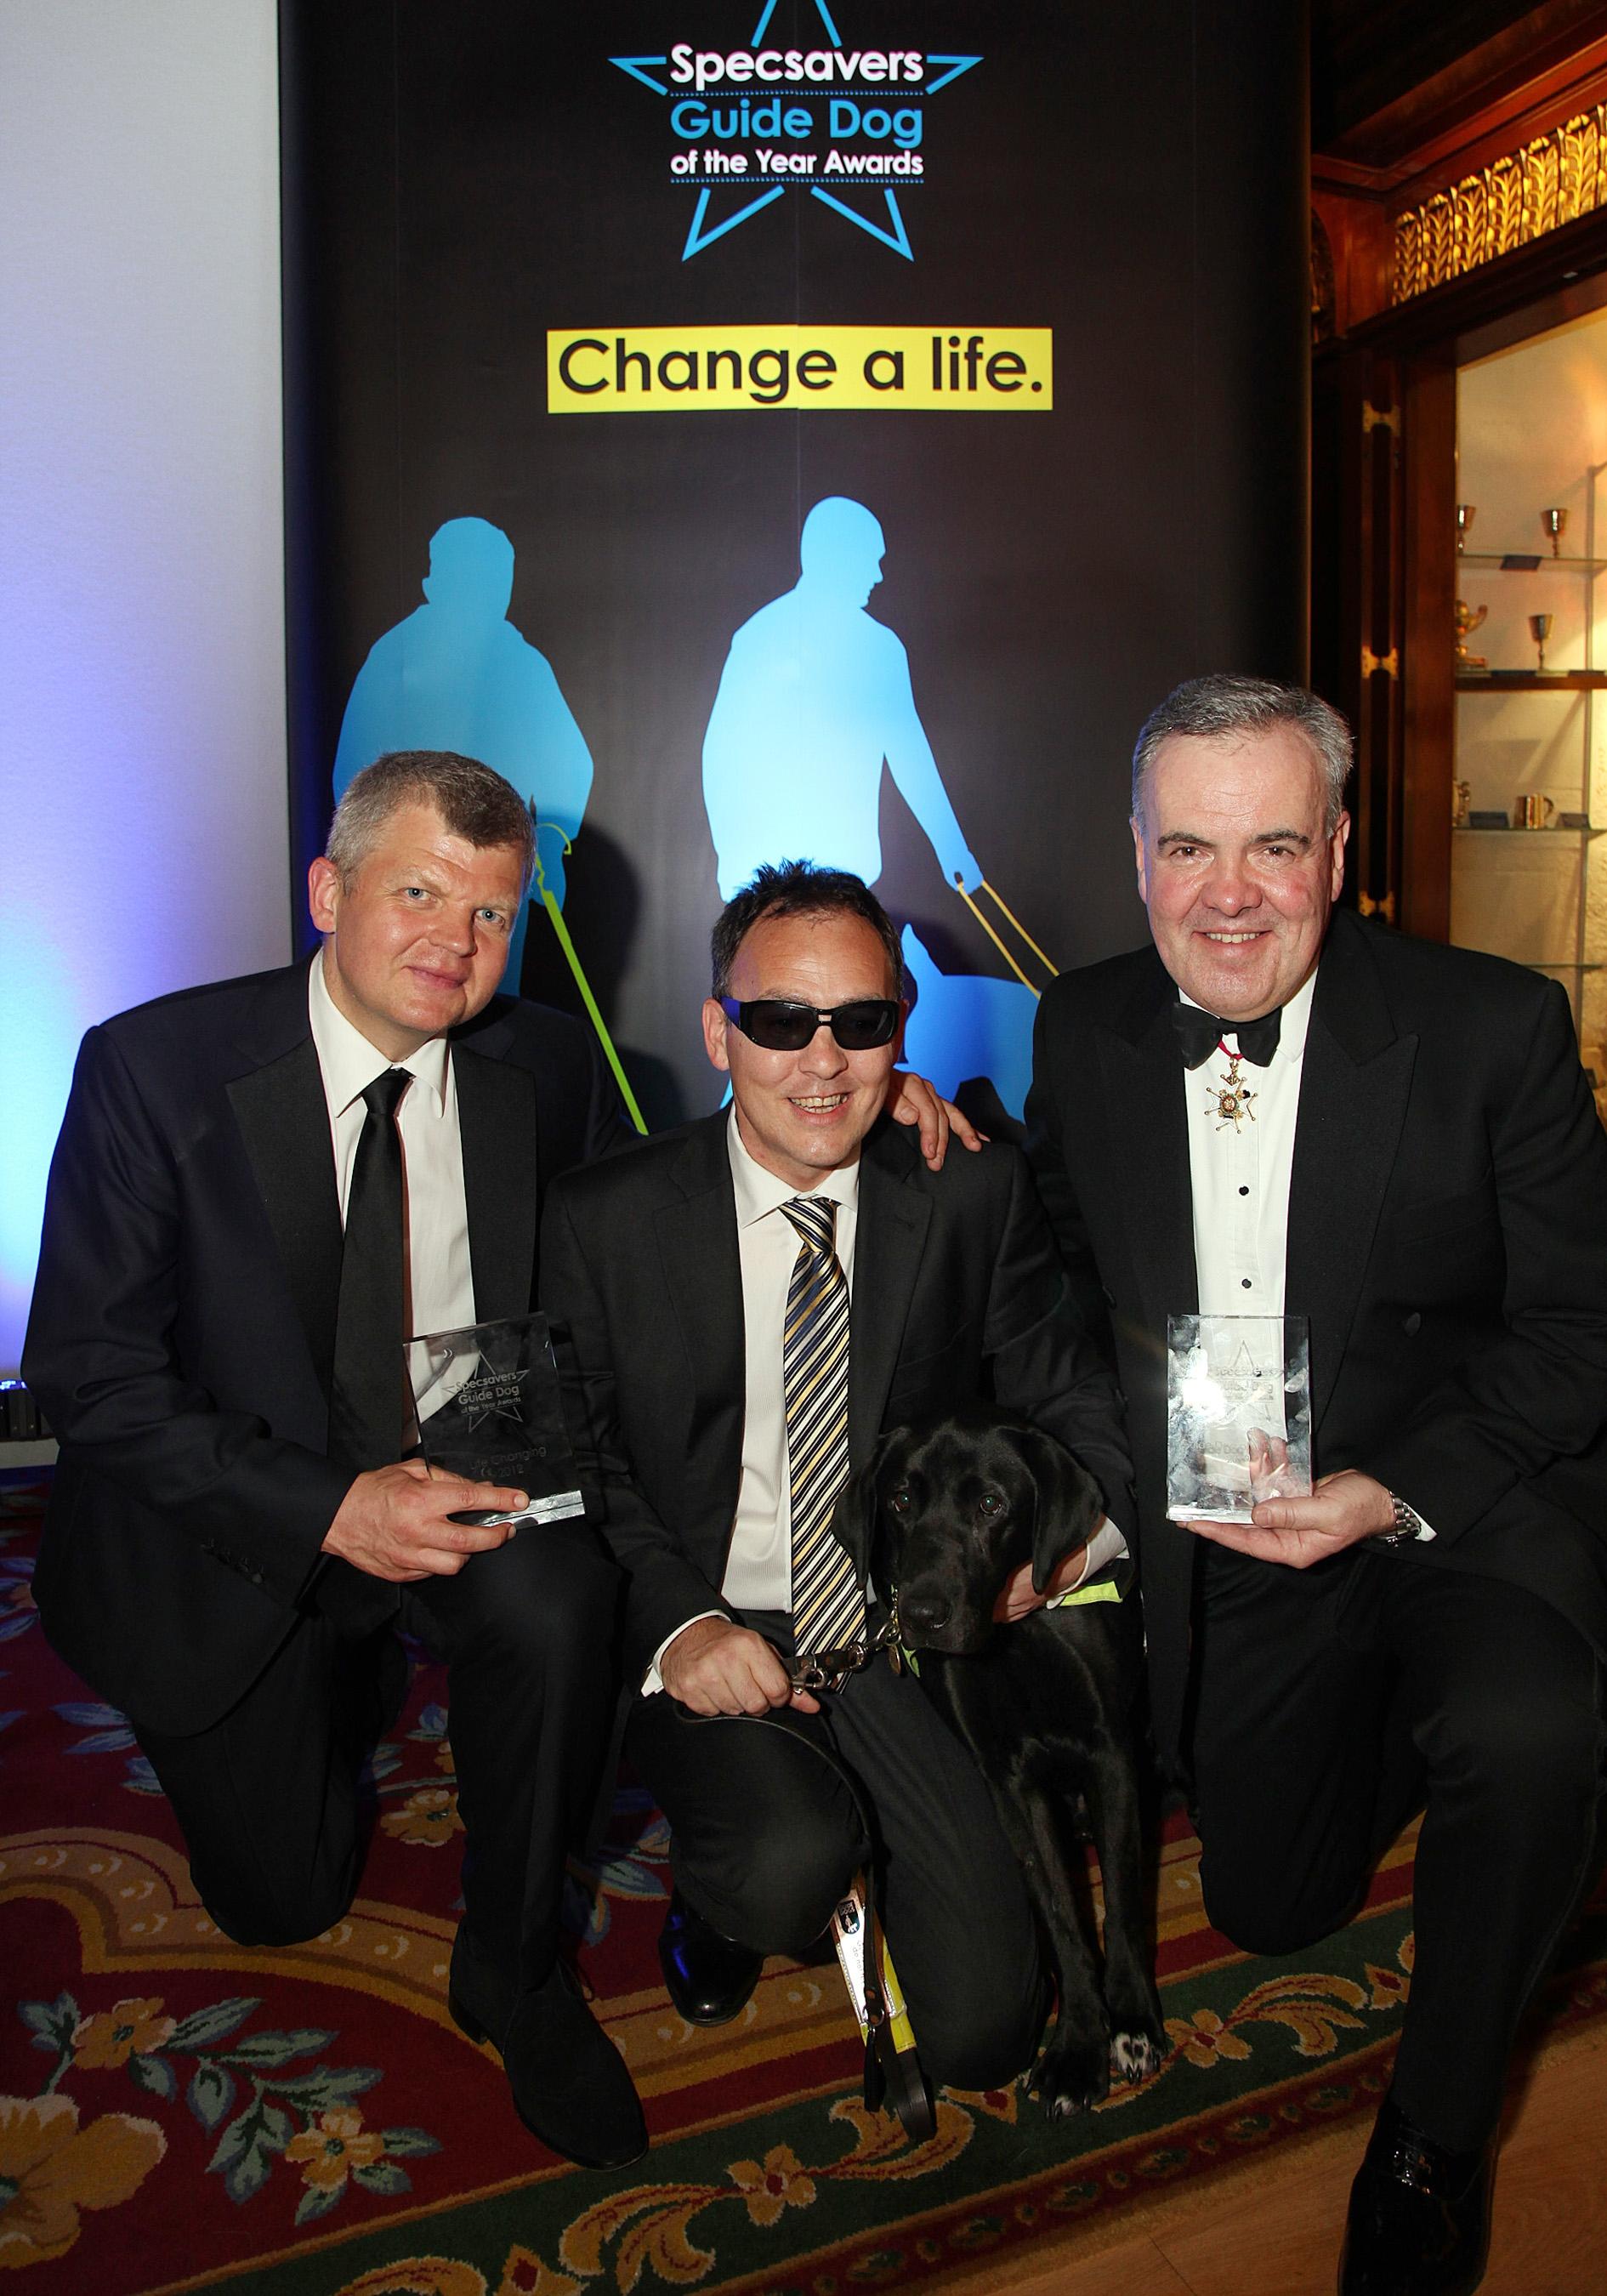 guide dogs for the blind 2012 awards winner